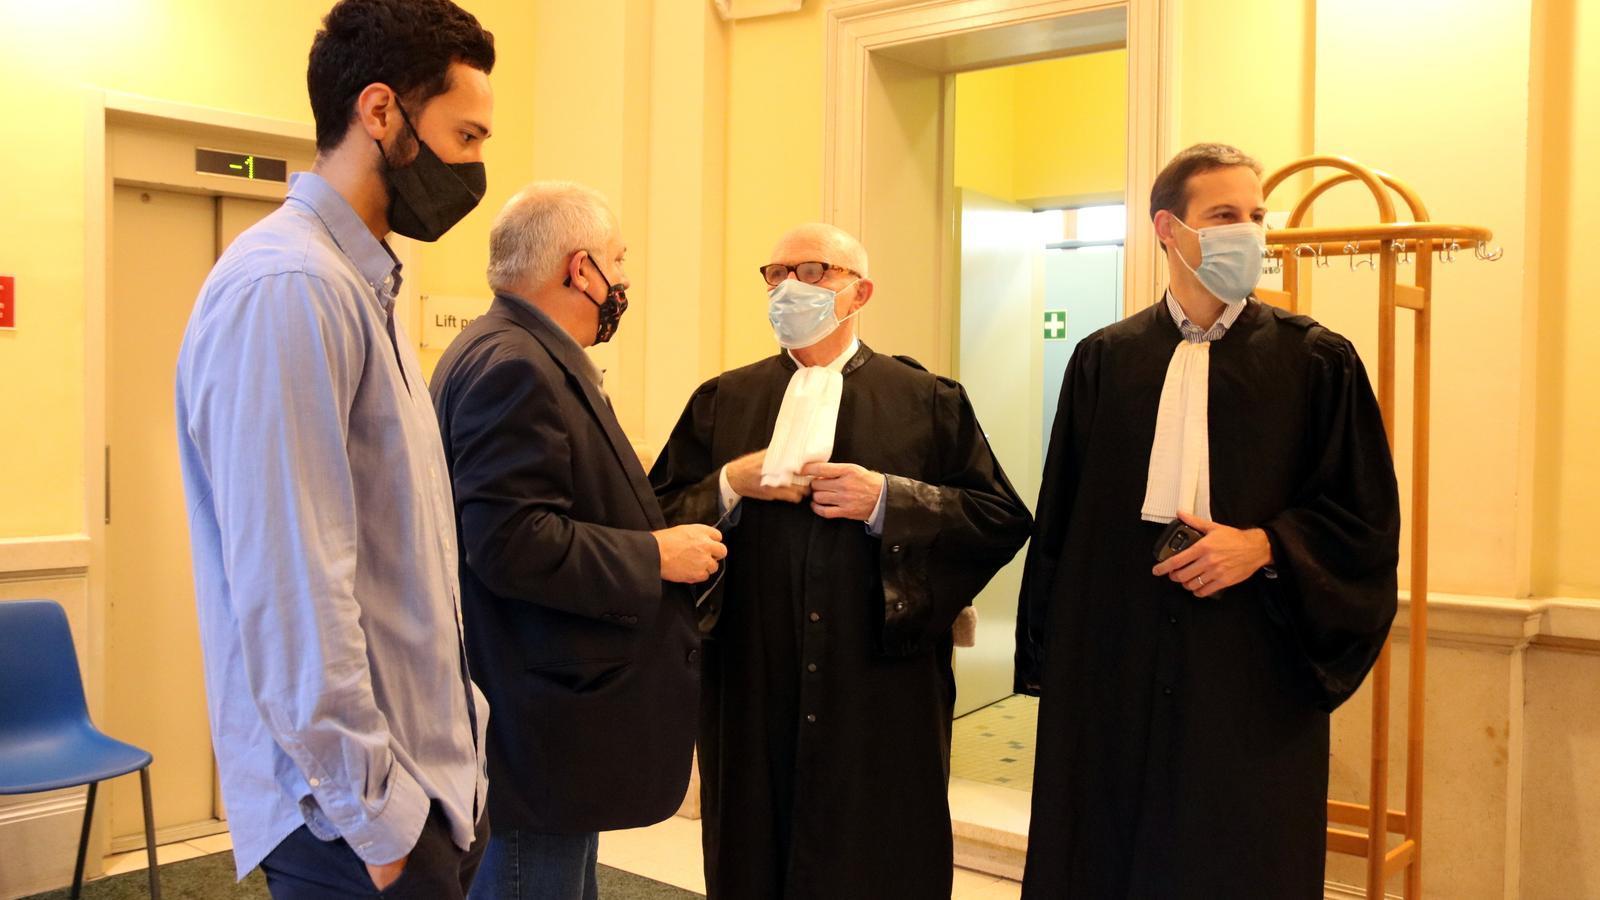 Valtònyc amb els advocats i l'exconseller Lluís Puig abans d'entrar a la vista